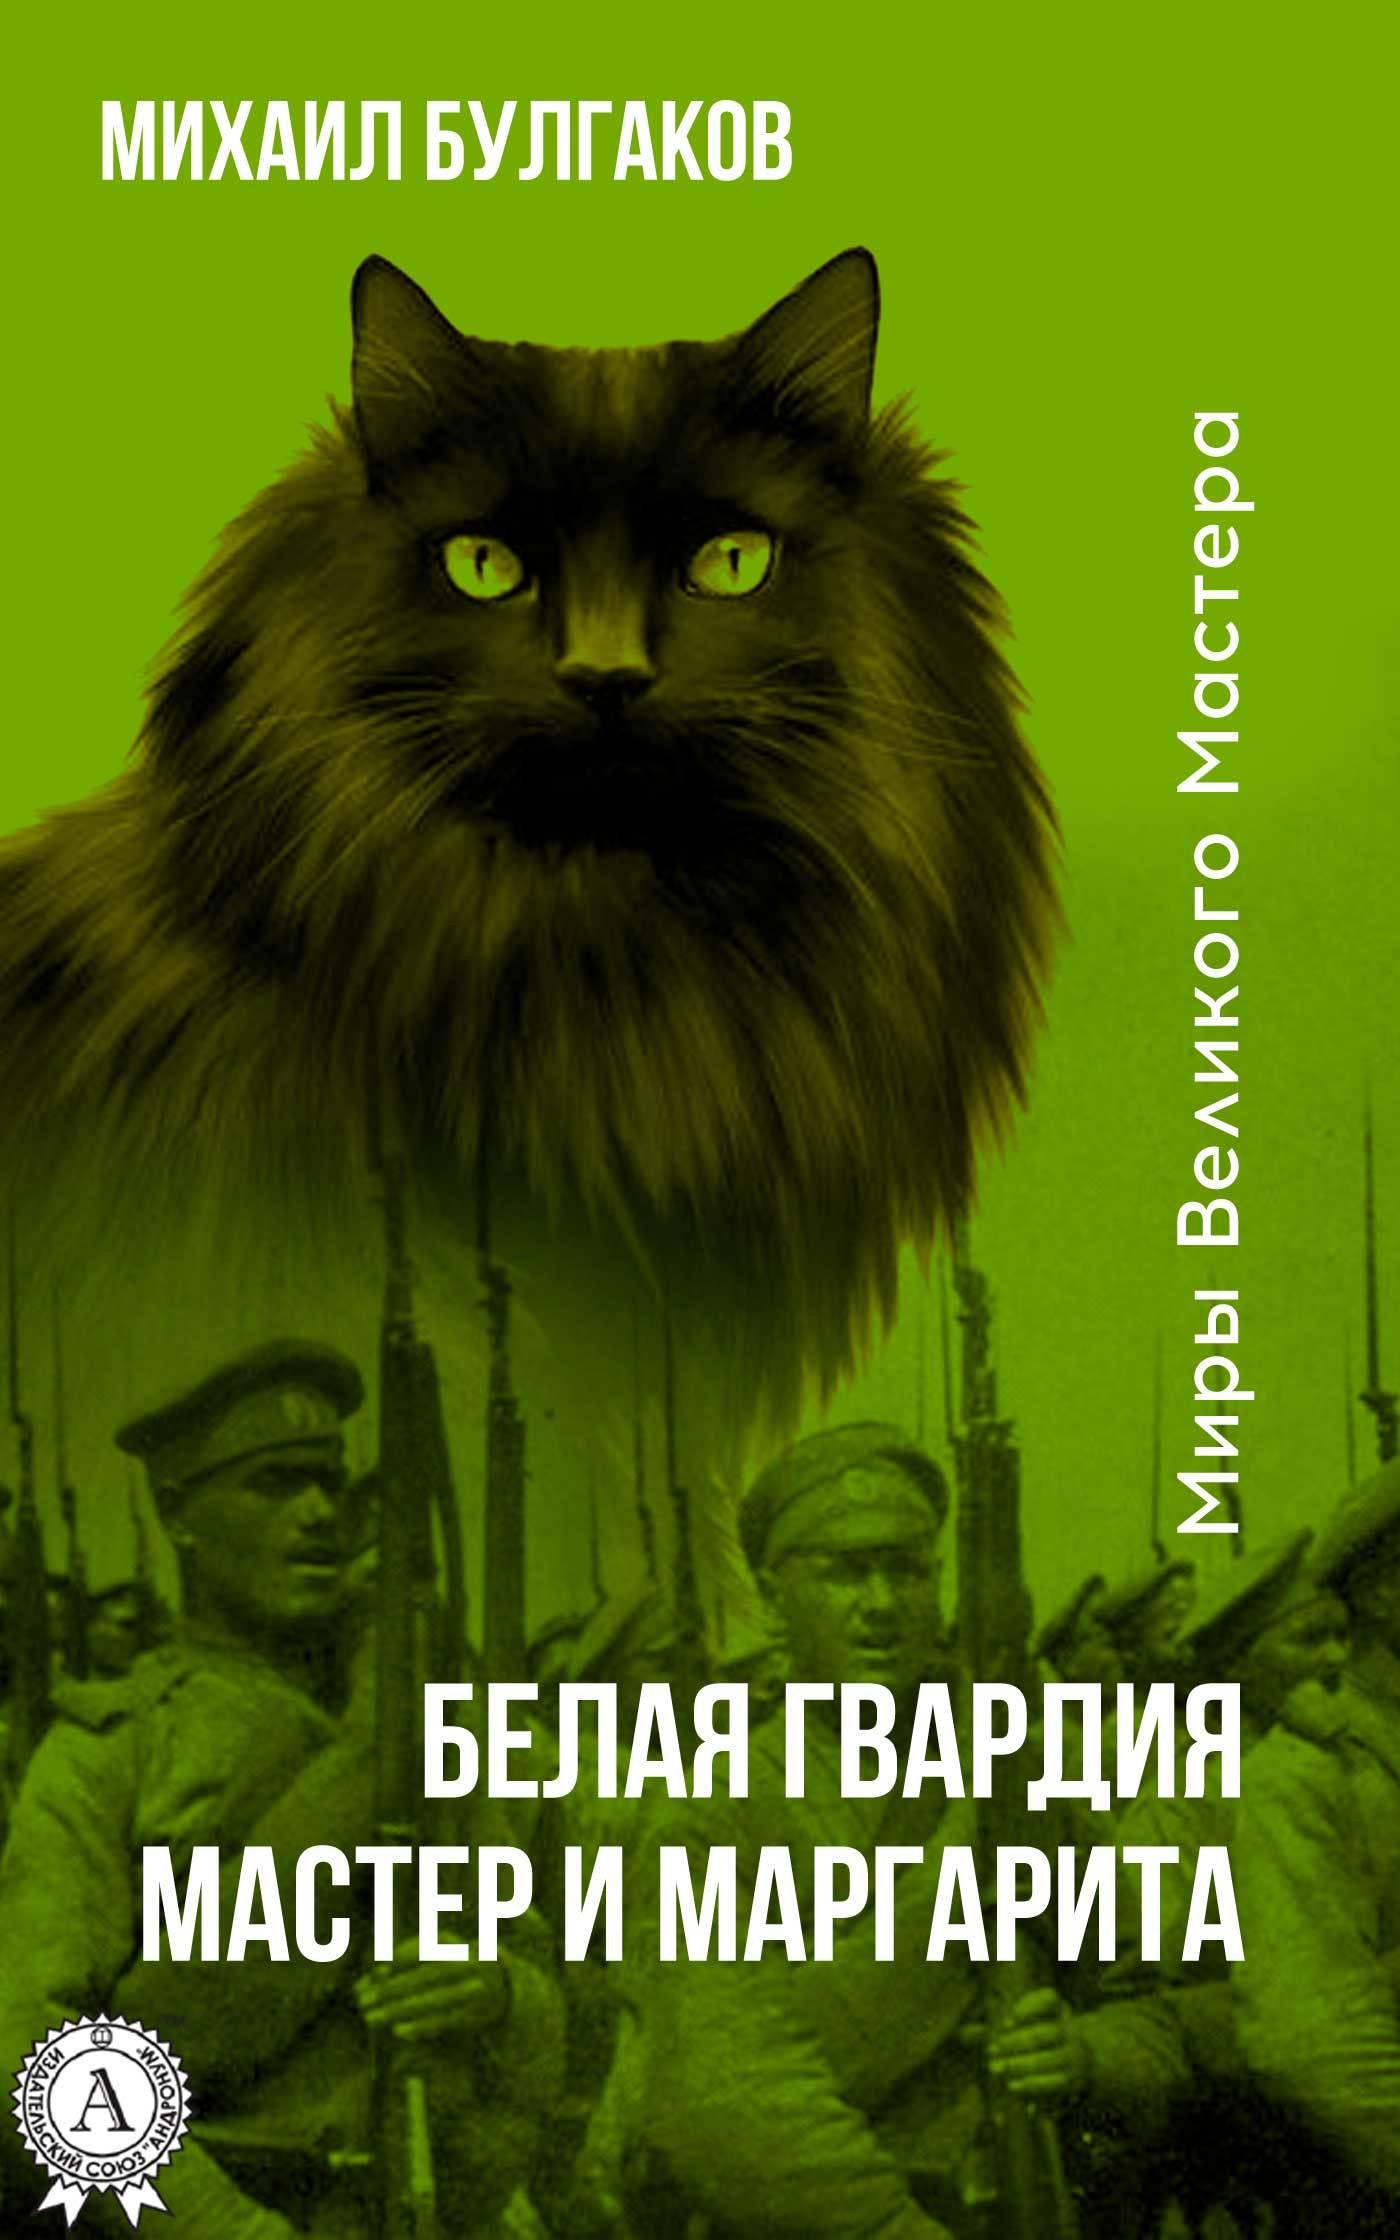 Михаил Булгаков Белая гвардия. Мастер и Маргарита (Иллюстрированное издание)